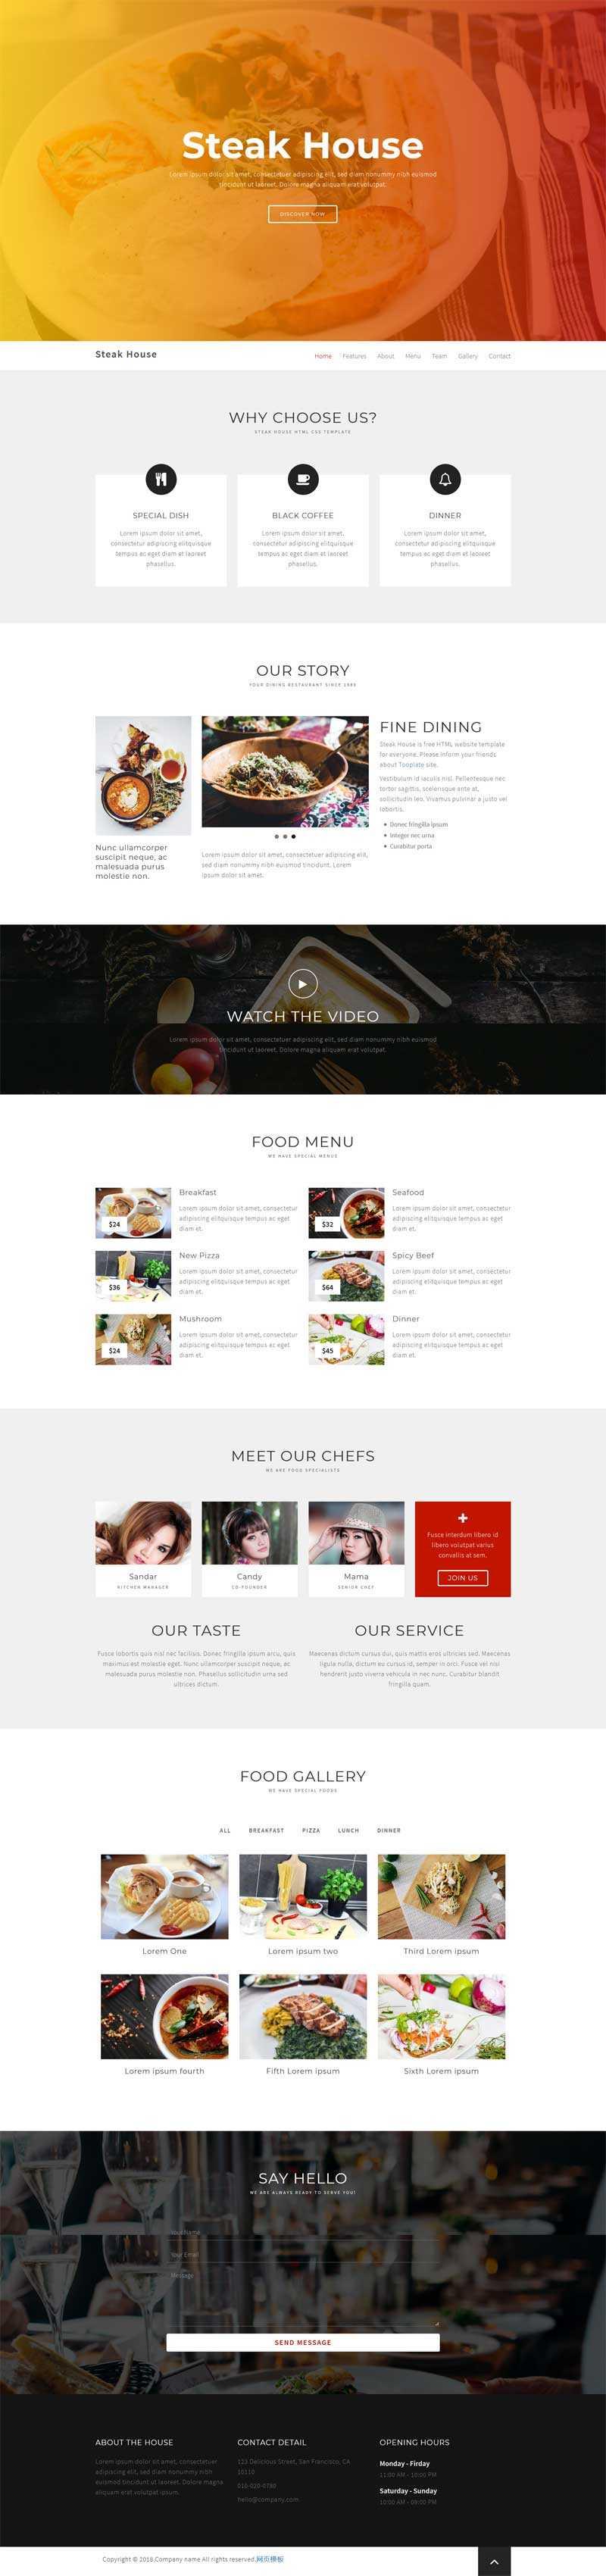 html5响应式的美食餐厅网站动画模板